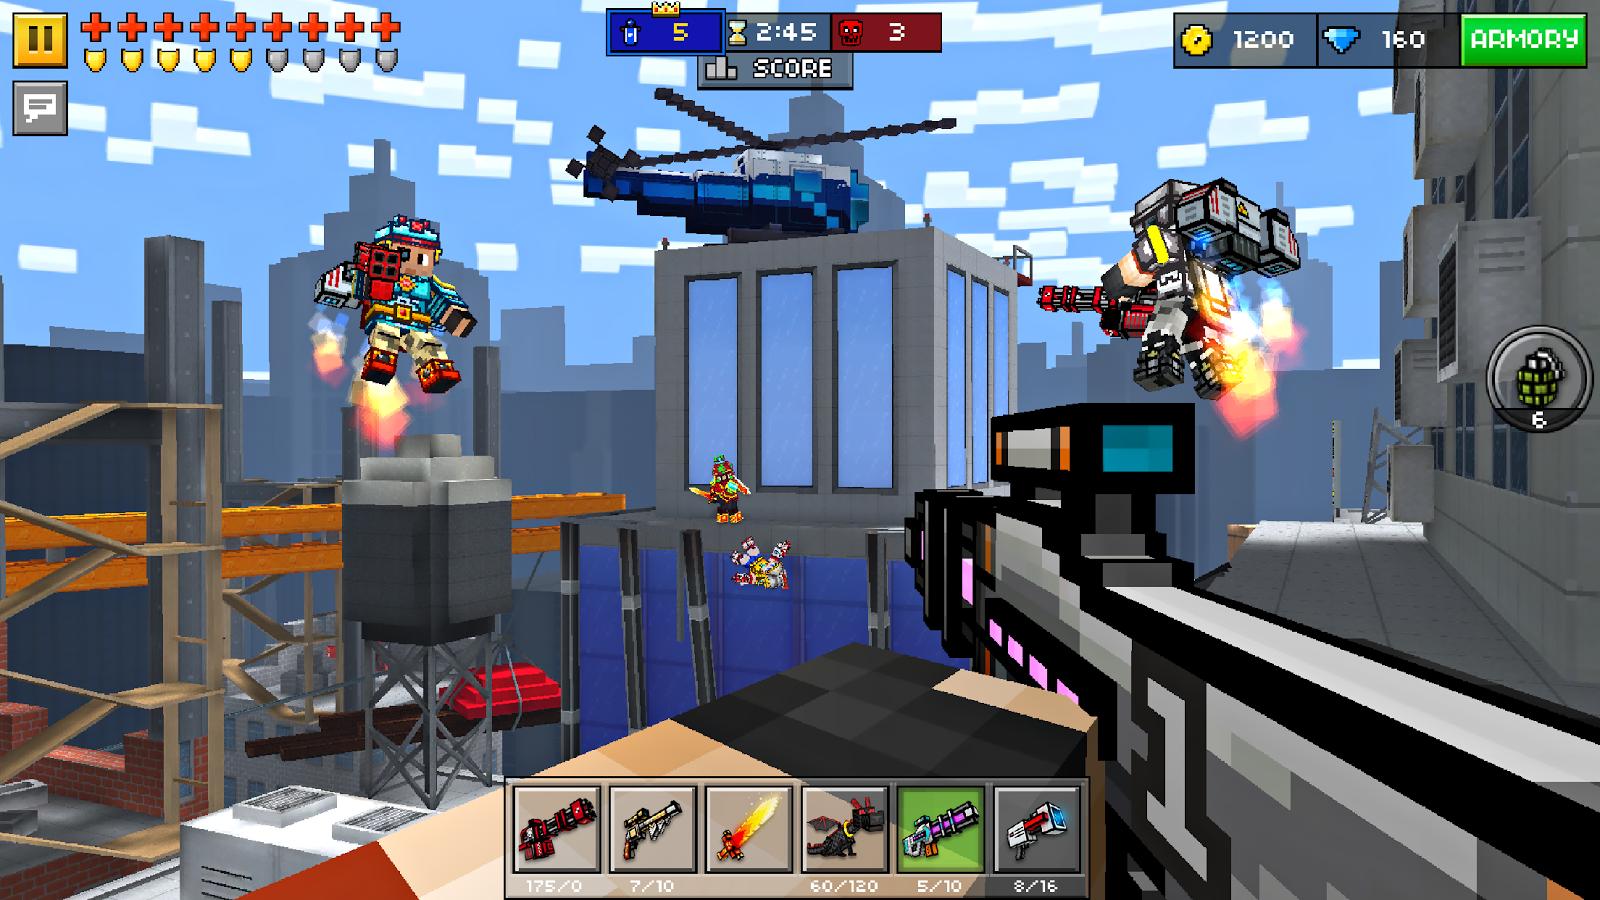 Скачать pixel gun 3d мод